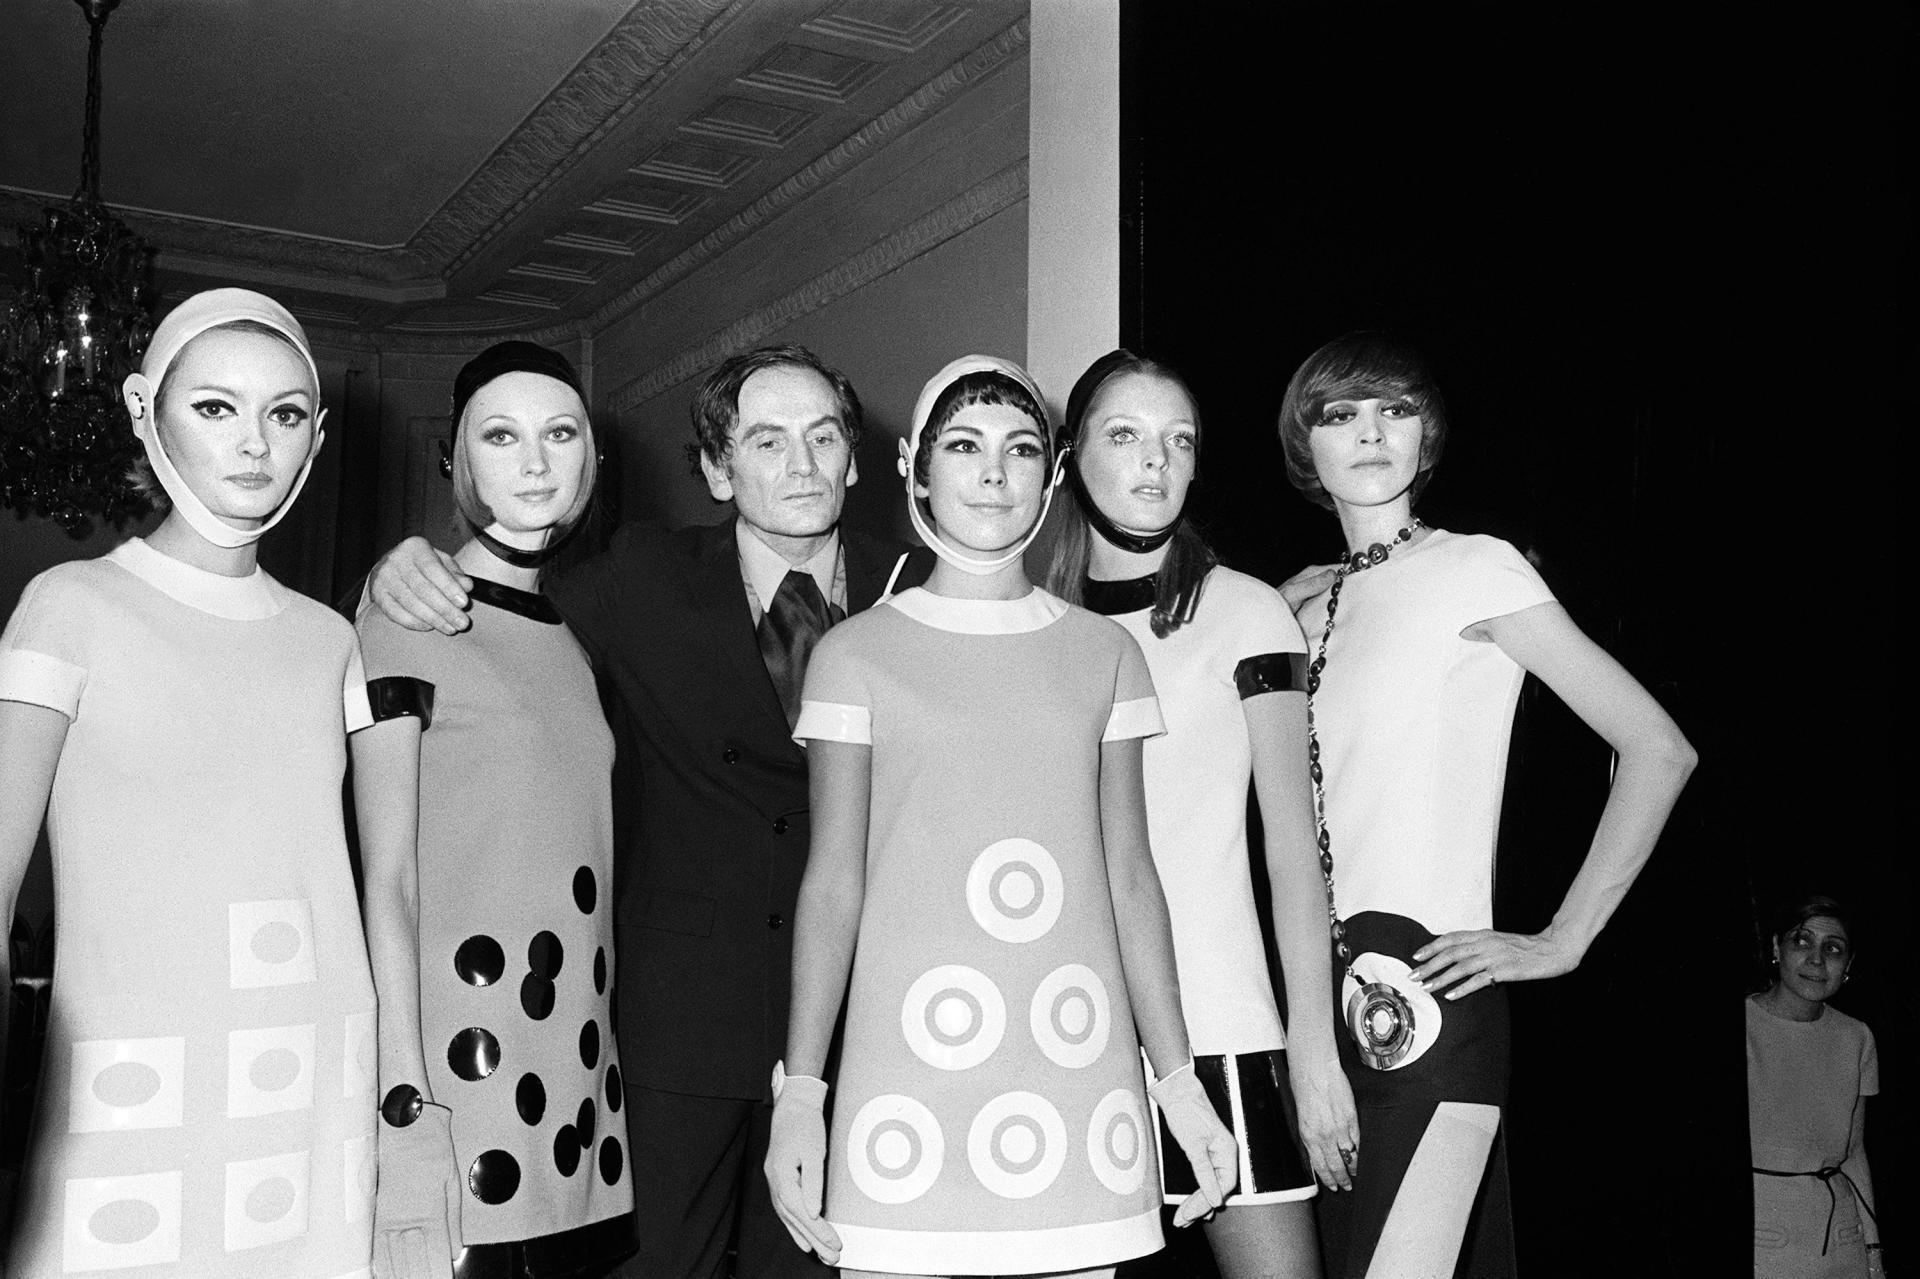 Pierre Cardin avec ses modèles, le 28 janvier 1967, à Paris, lors de la présentation de sa collection printemps-été.